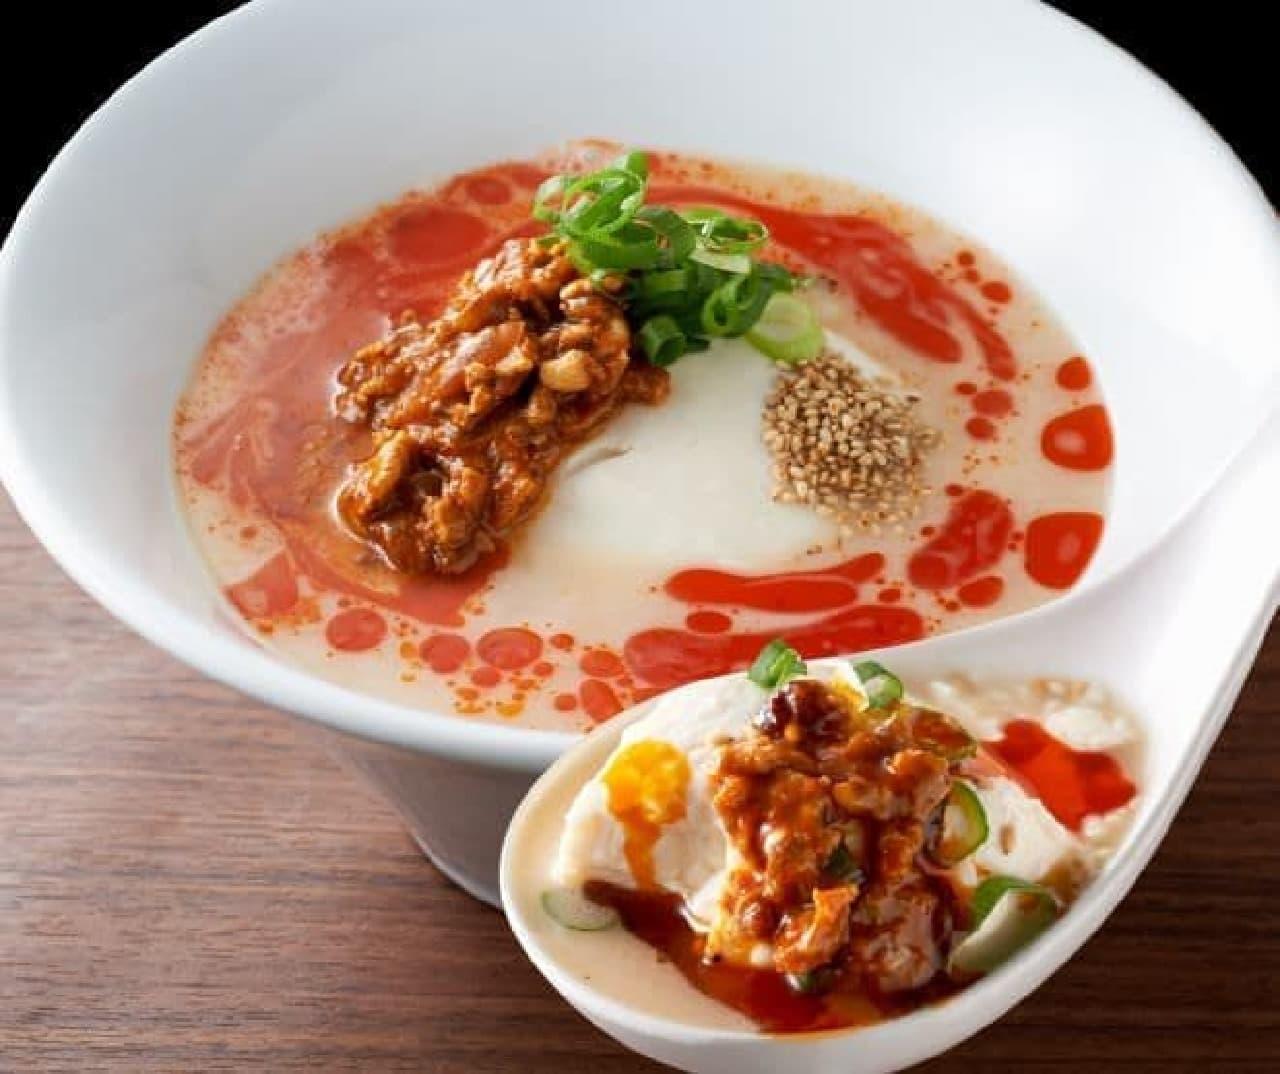 からかとんこつ豆腐は一丁250gの極上豆腐をレンゲですくってプルンと食べる新しいスタイルの麺なしラーメン